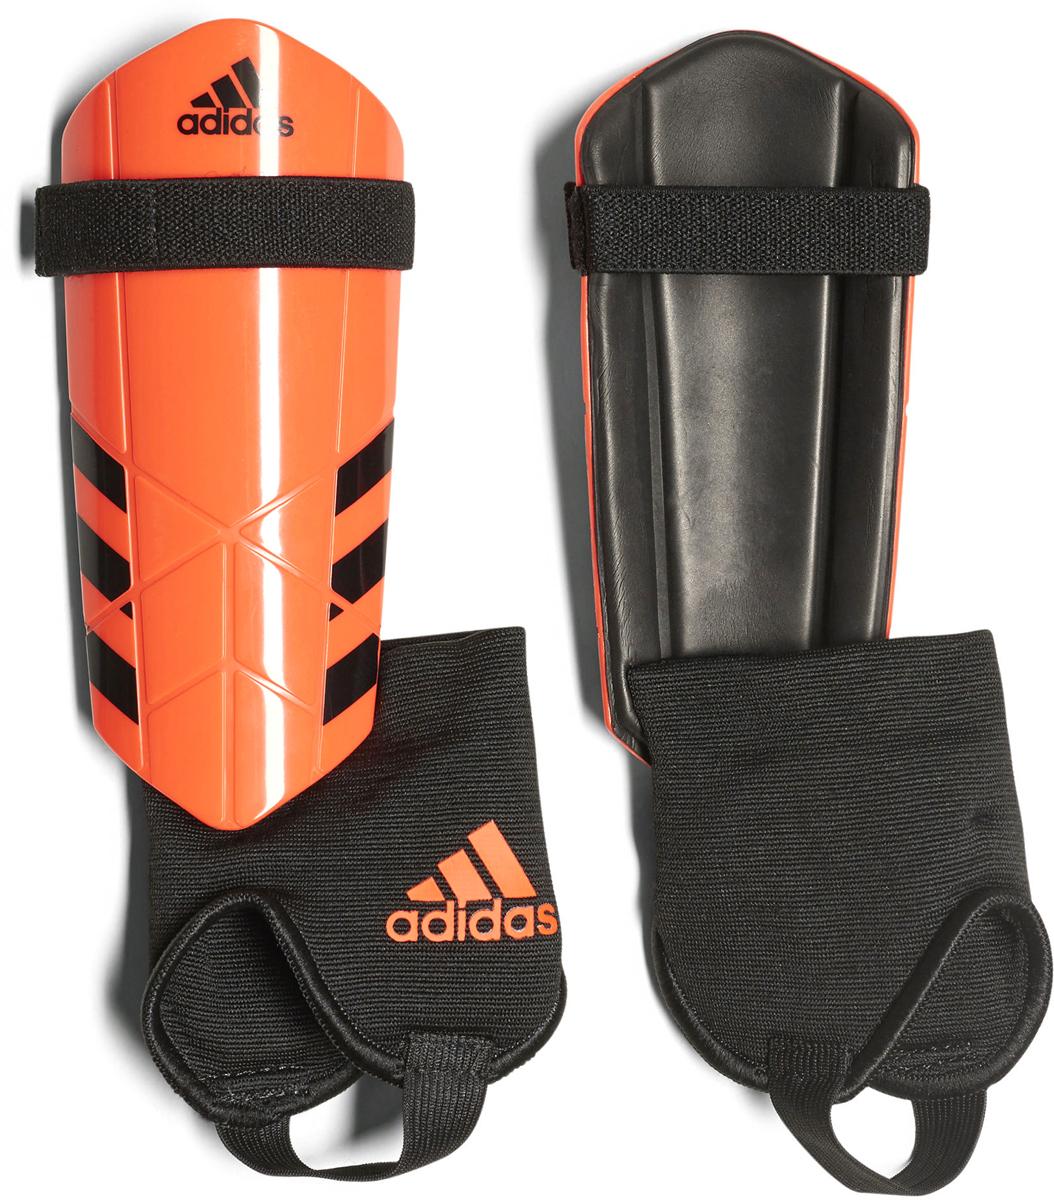 Щитки футбольные Adidas  Ghost Youth , цвет: оранжевый. Размер M - Командные виды спорта